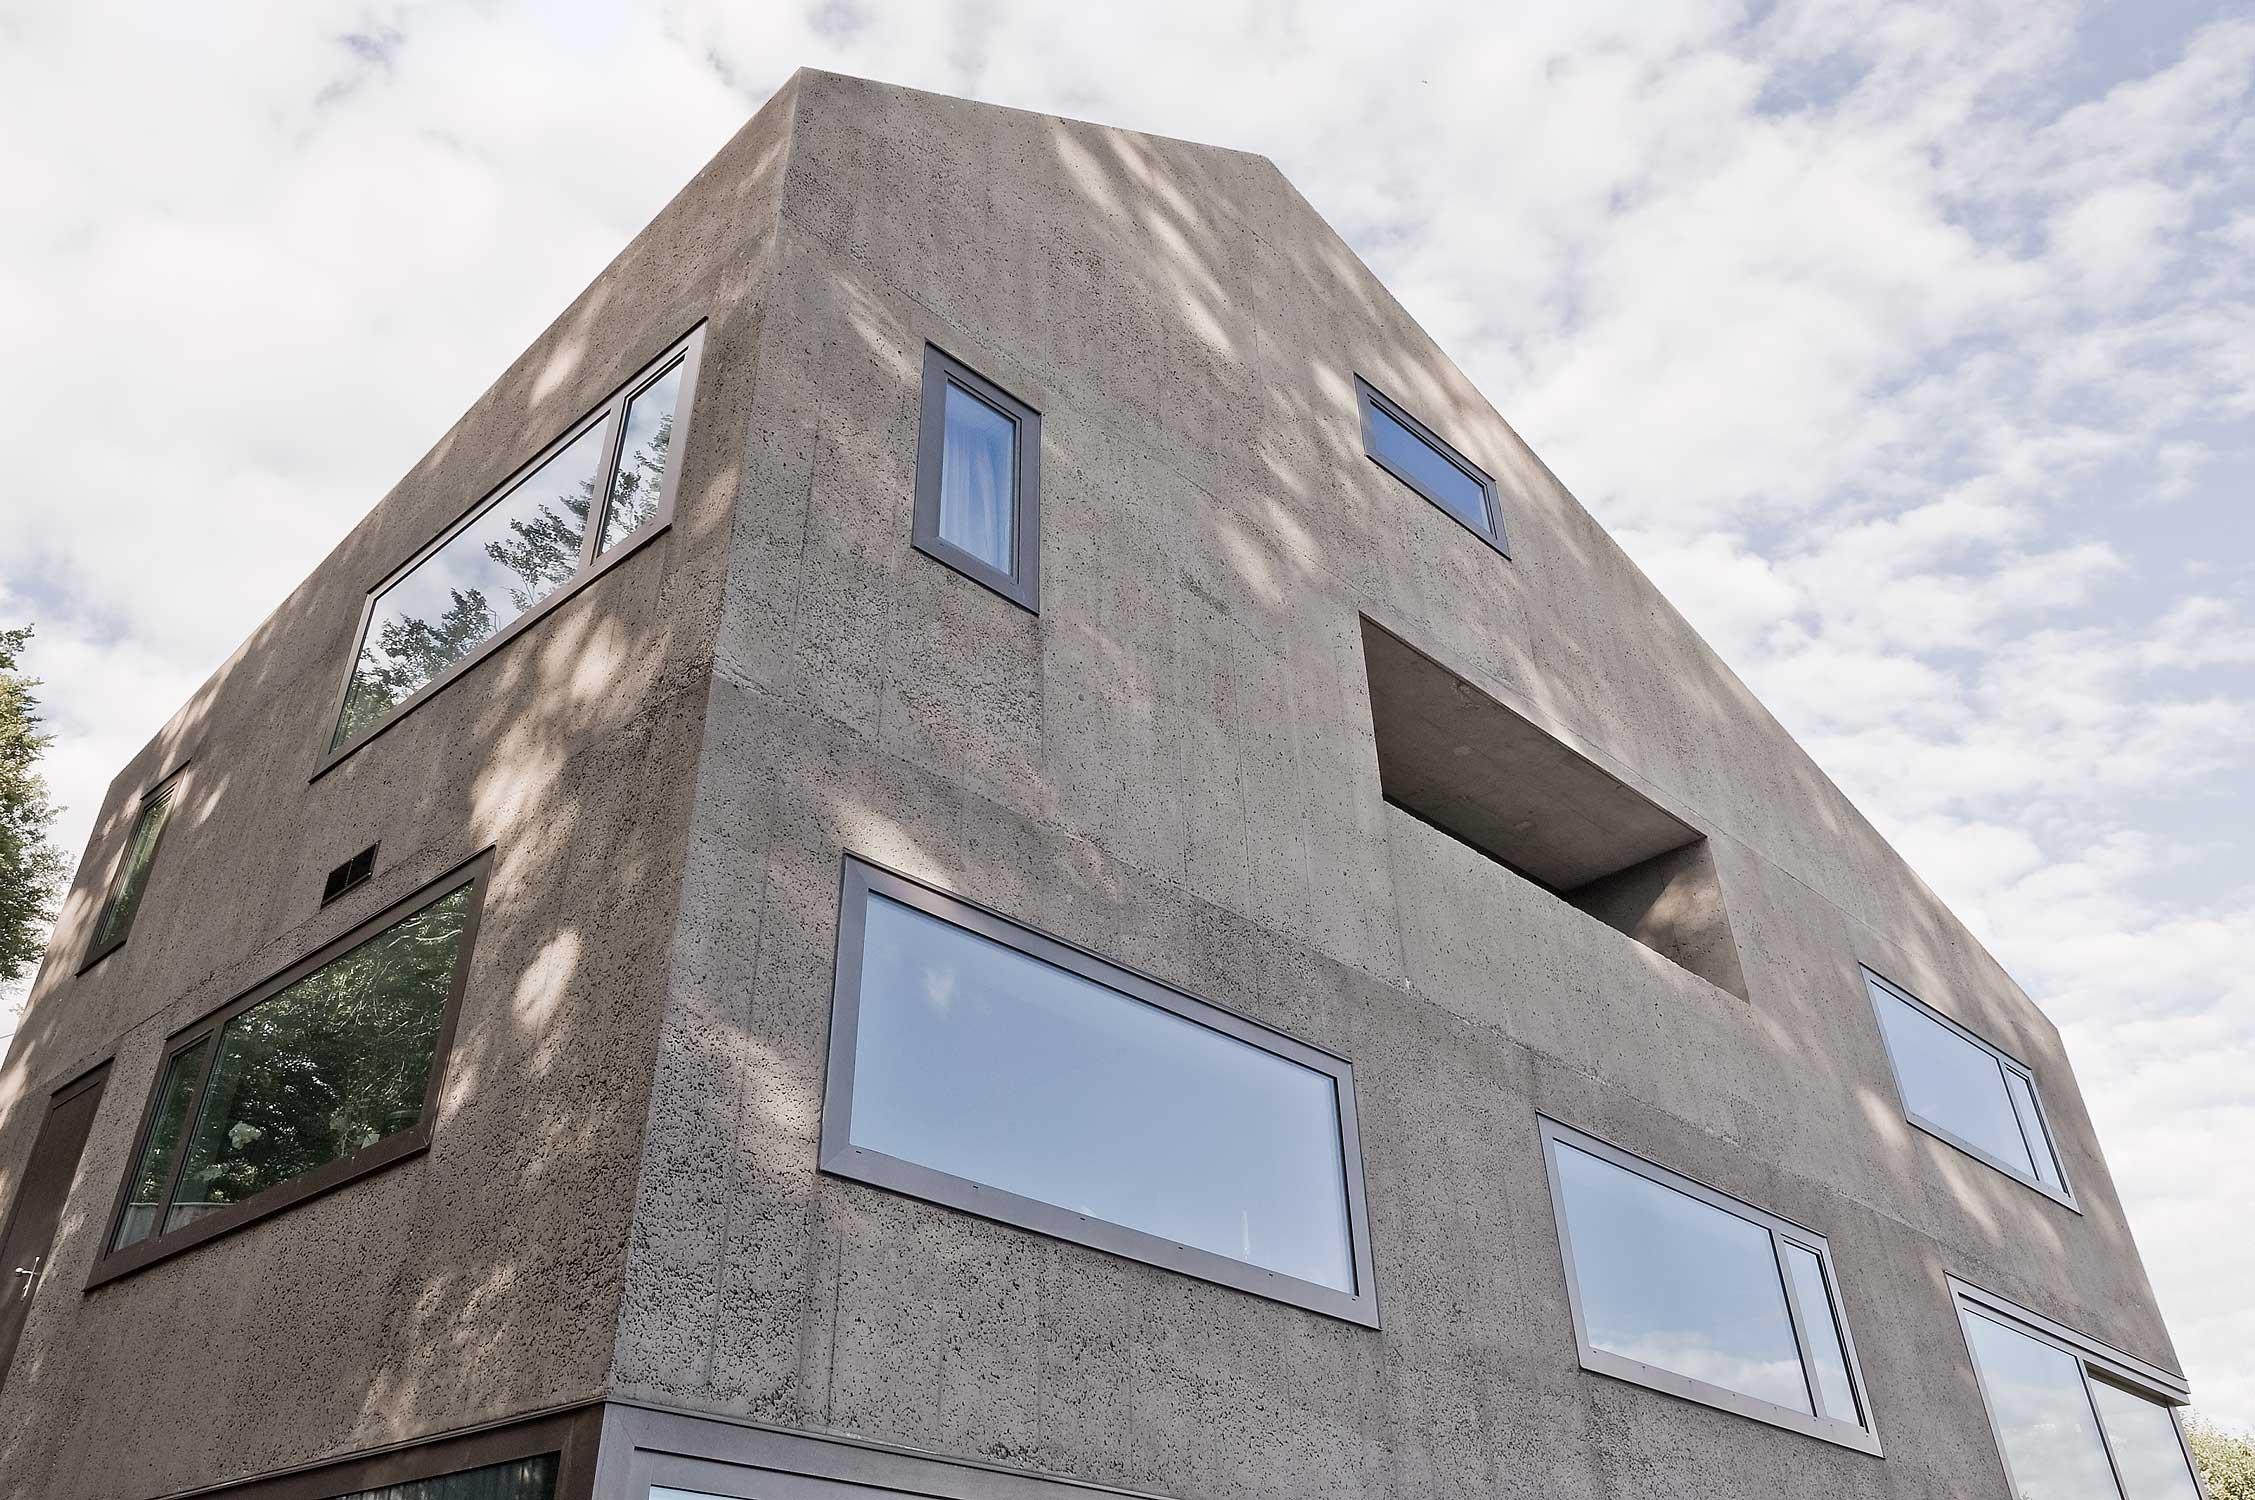 Die monolithische Betonfassade mit bündig eingearbeiteten Fenstern.